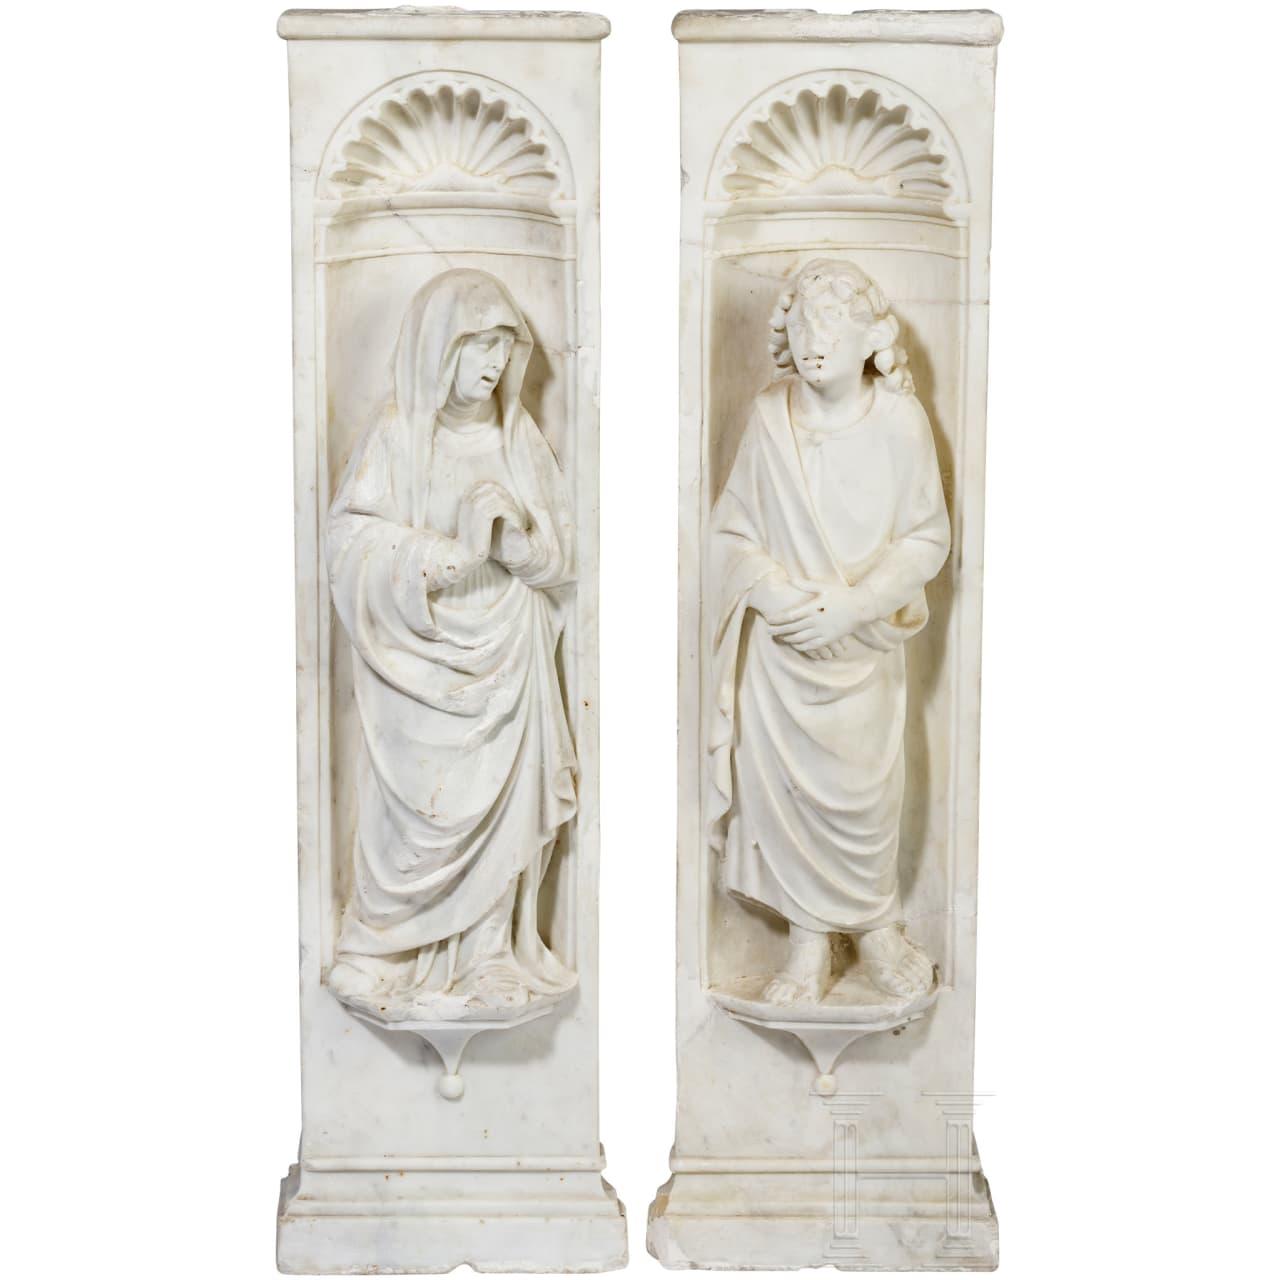 Ein seltenes Paar barocker Heiligendarstellungen, Italien, frühes 17. Jhdt.